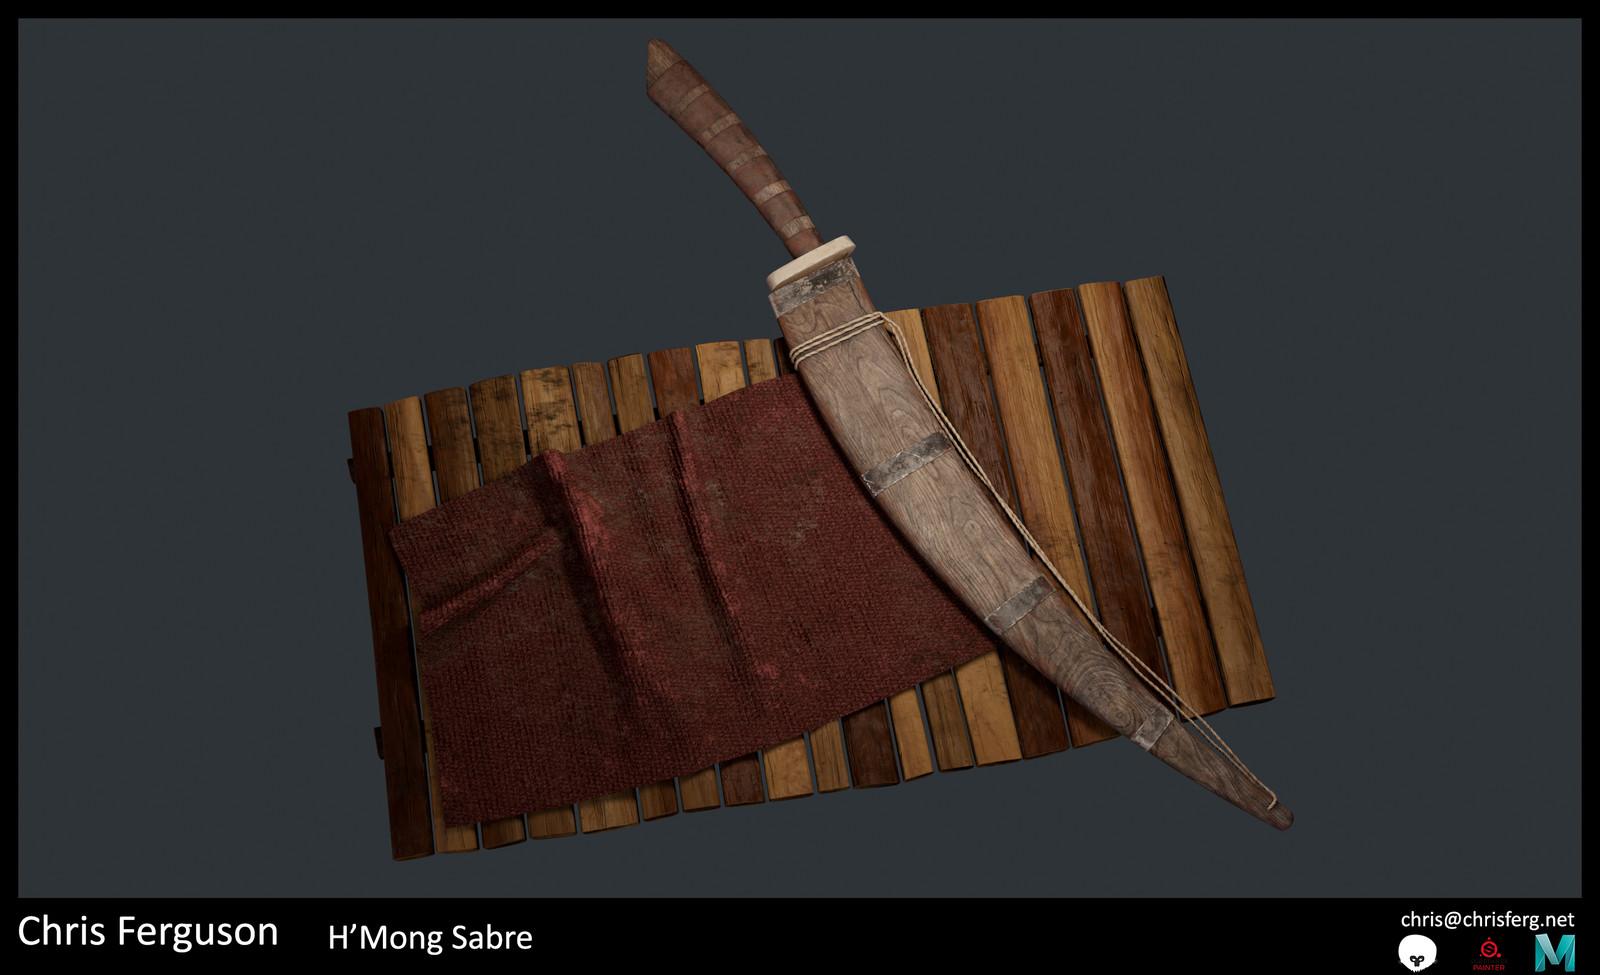 H'Mong Sabre